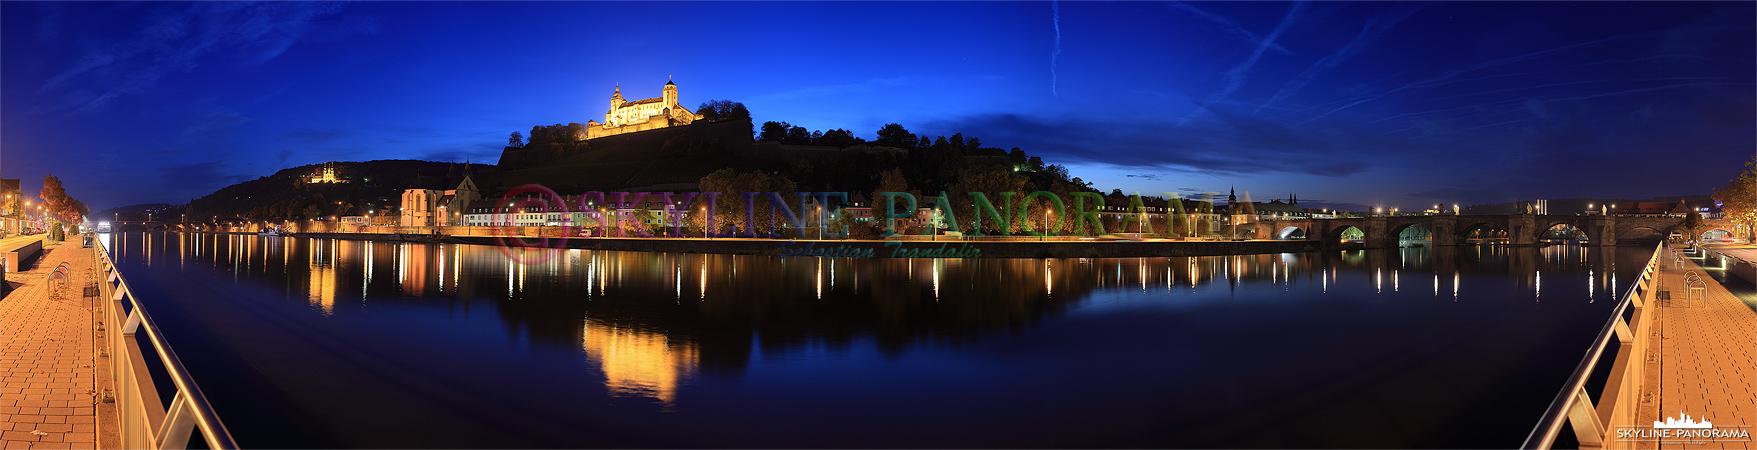 Bilder aus Würzburg - Panorama auf die hoch über Würzburg gelegene und hell erleuchtete Festung Marienberg am Abend.